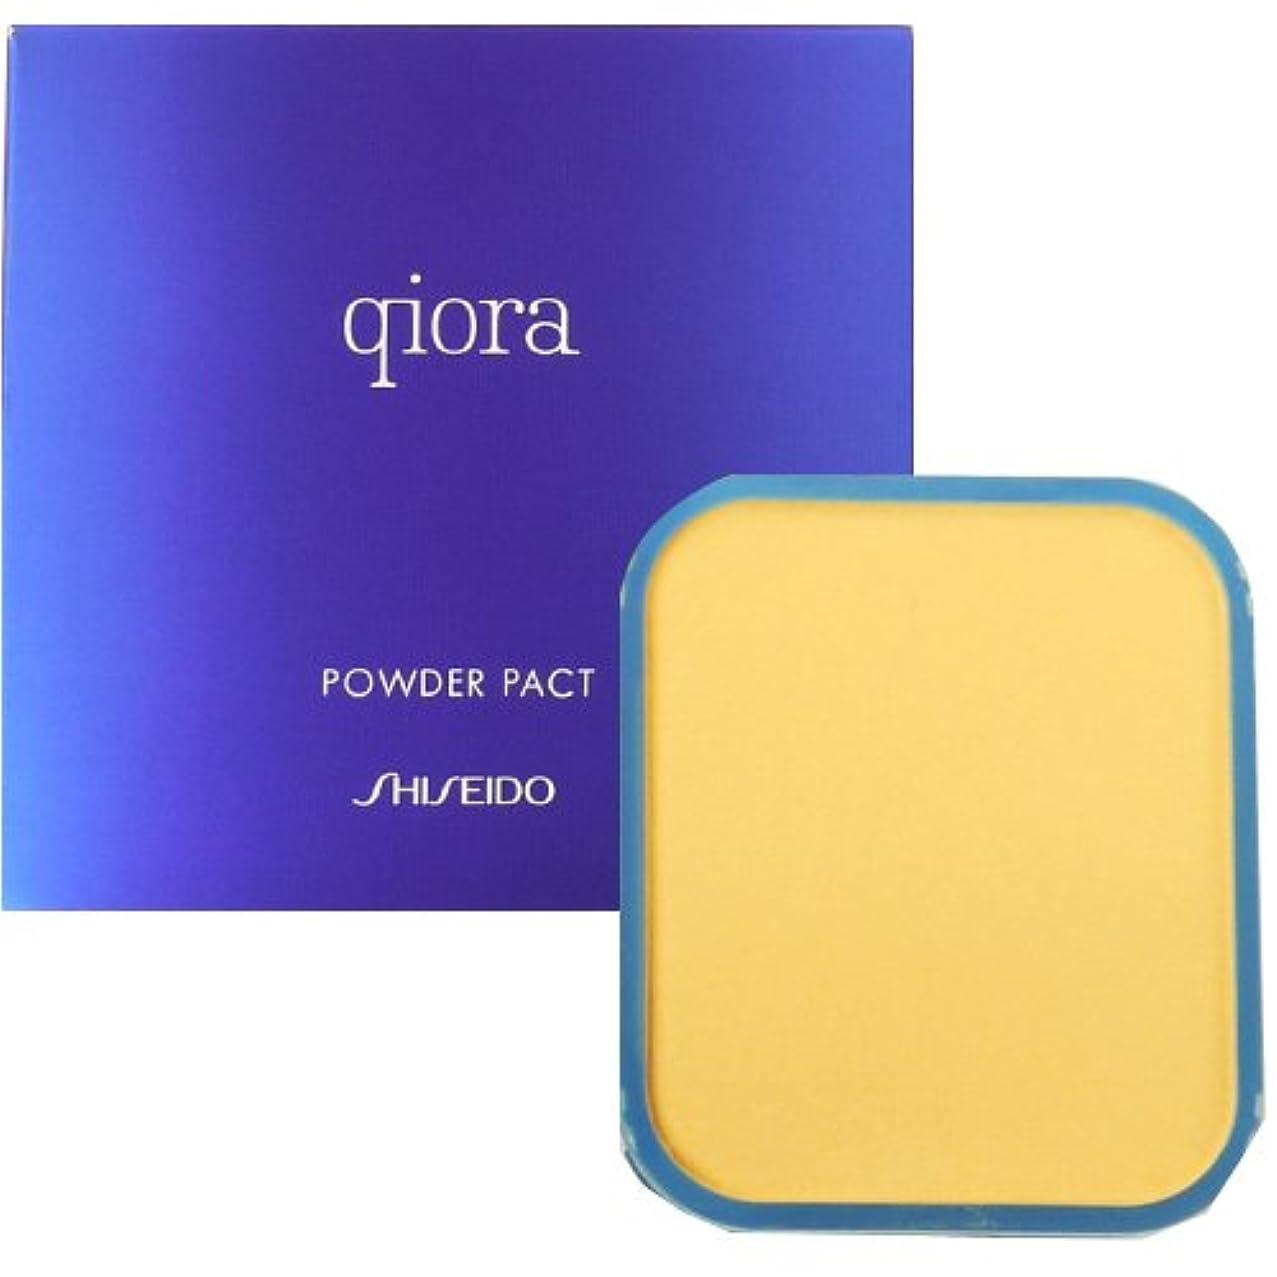 遠近法視力変化する資生堂 キオラ qiora パウダーパクト SPF17 PA++ 【詰め替え用】 10g【ベージュオークル10】